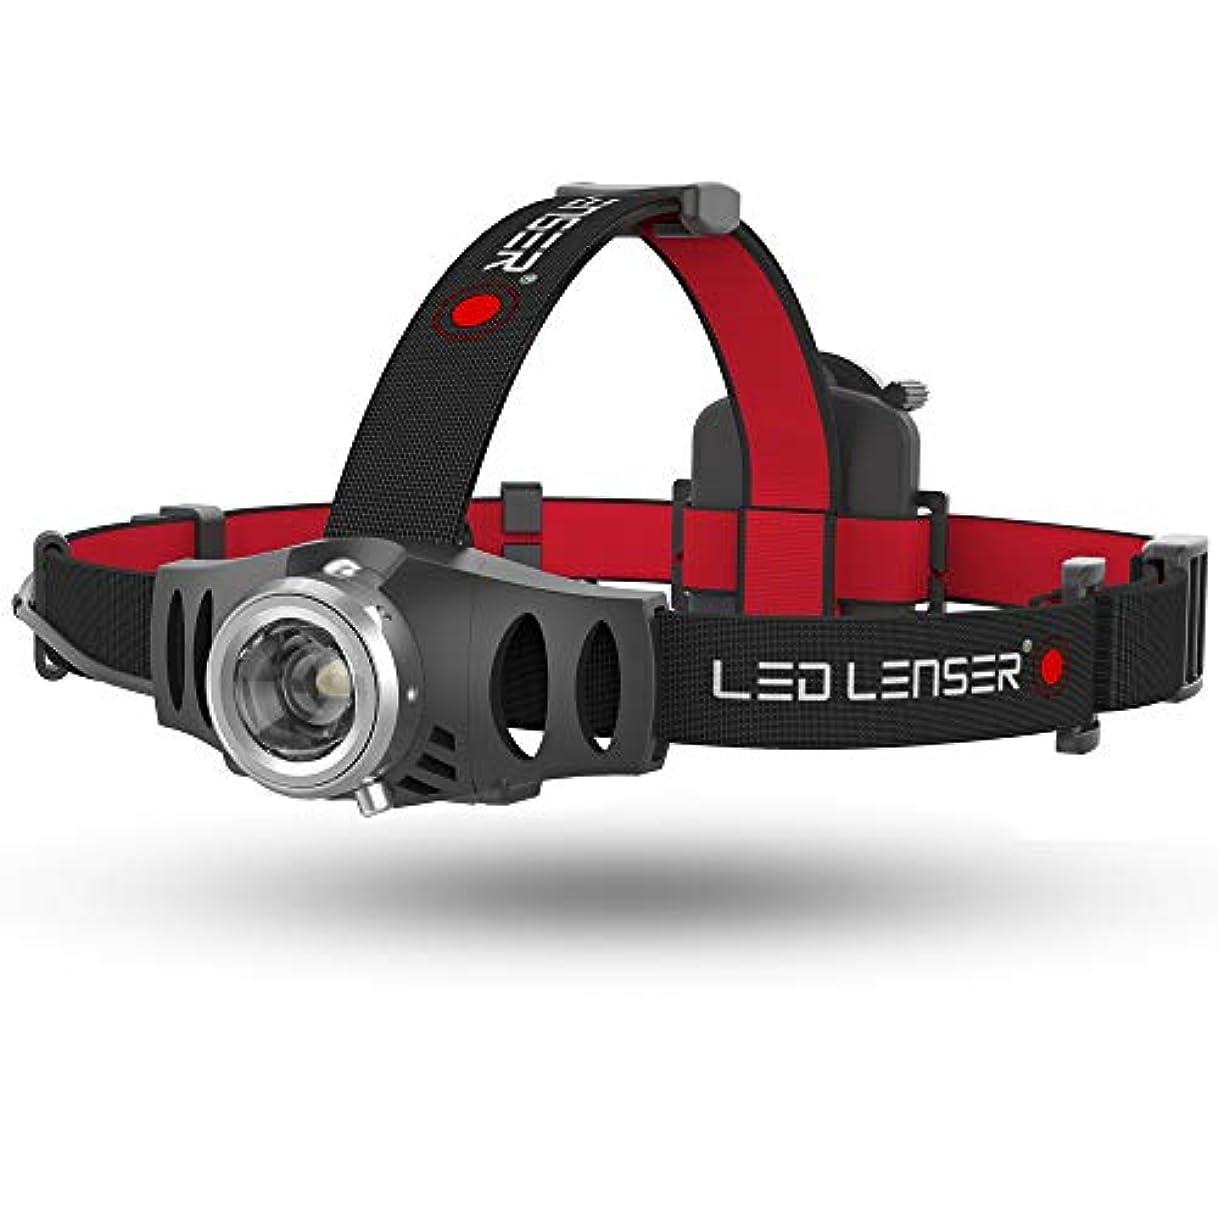 リネン限界電極LEDヘッドライト H6R ヘルメット 作業 工事 IPX4防水 充電式 【明るさ約200ルーメン】 【最長7年保証】 [日本正規品]